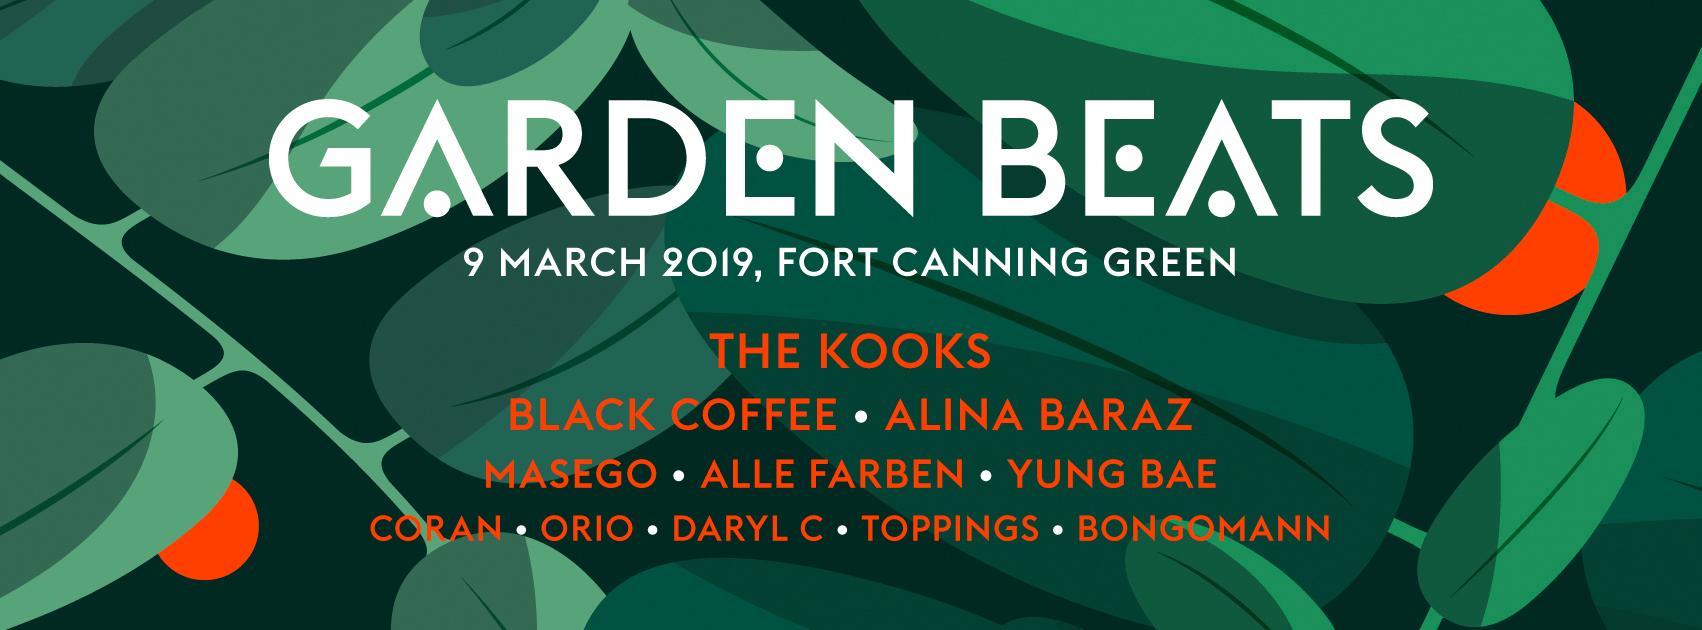 garden-beats-facebook-page-cover@2x.jpg